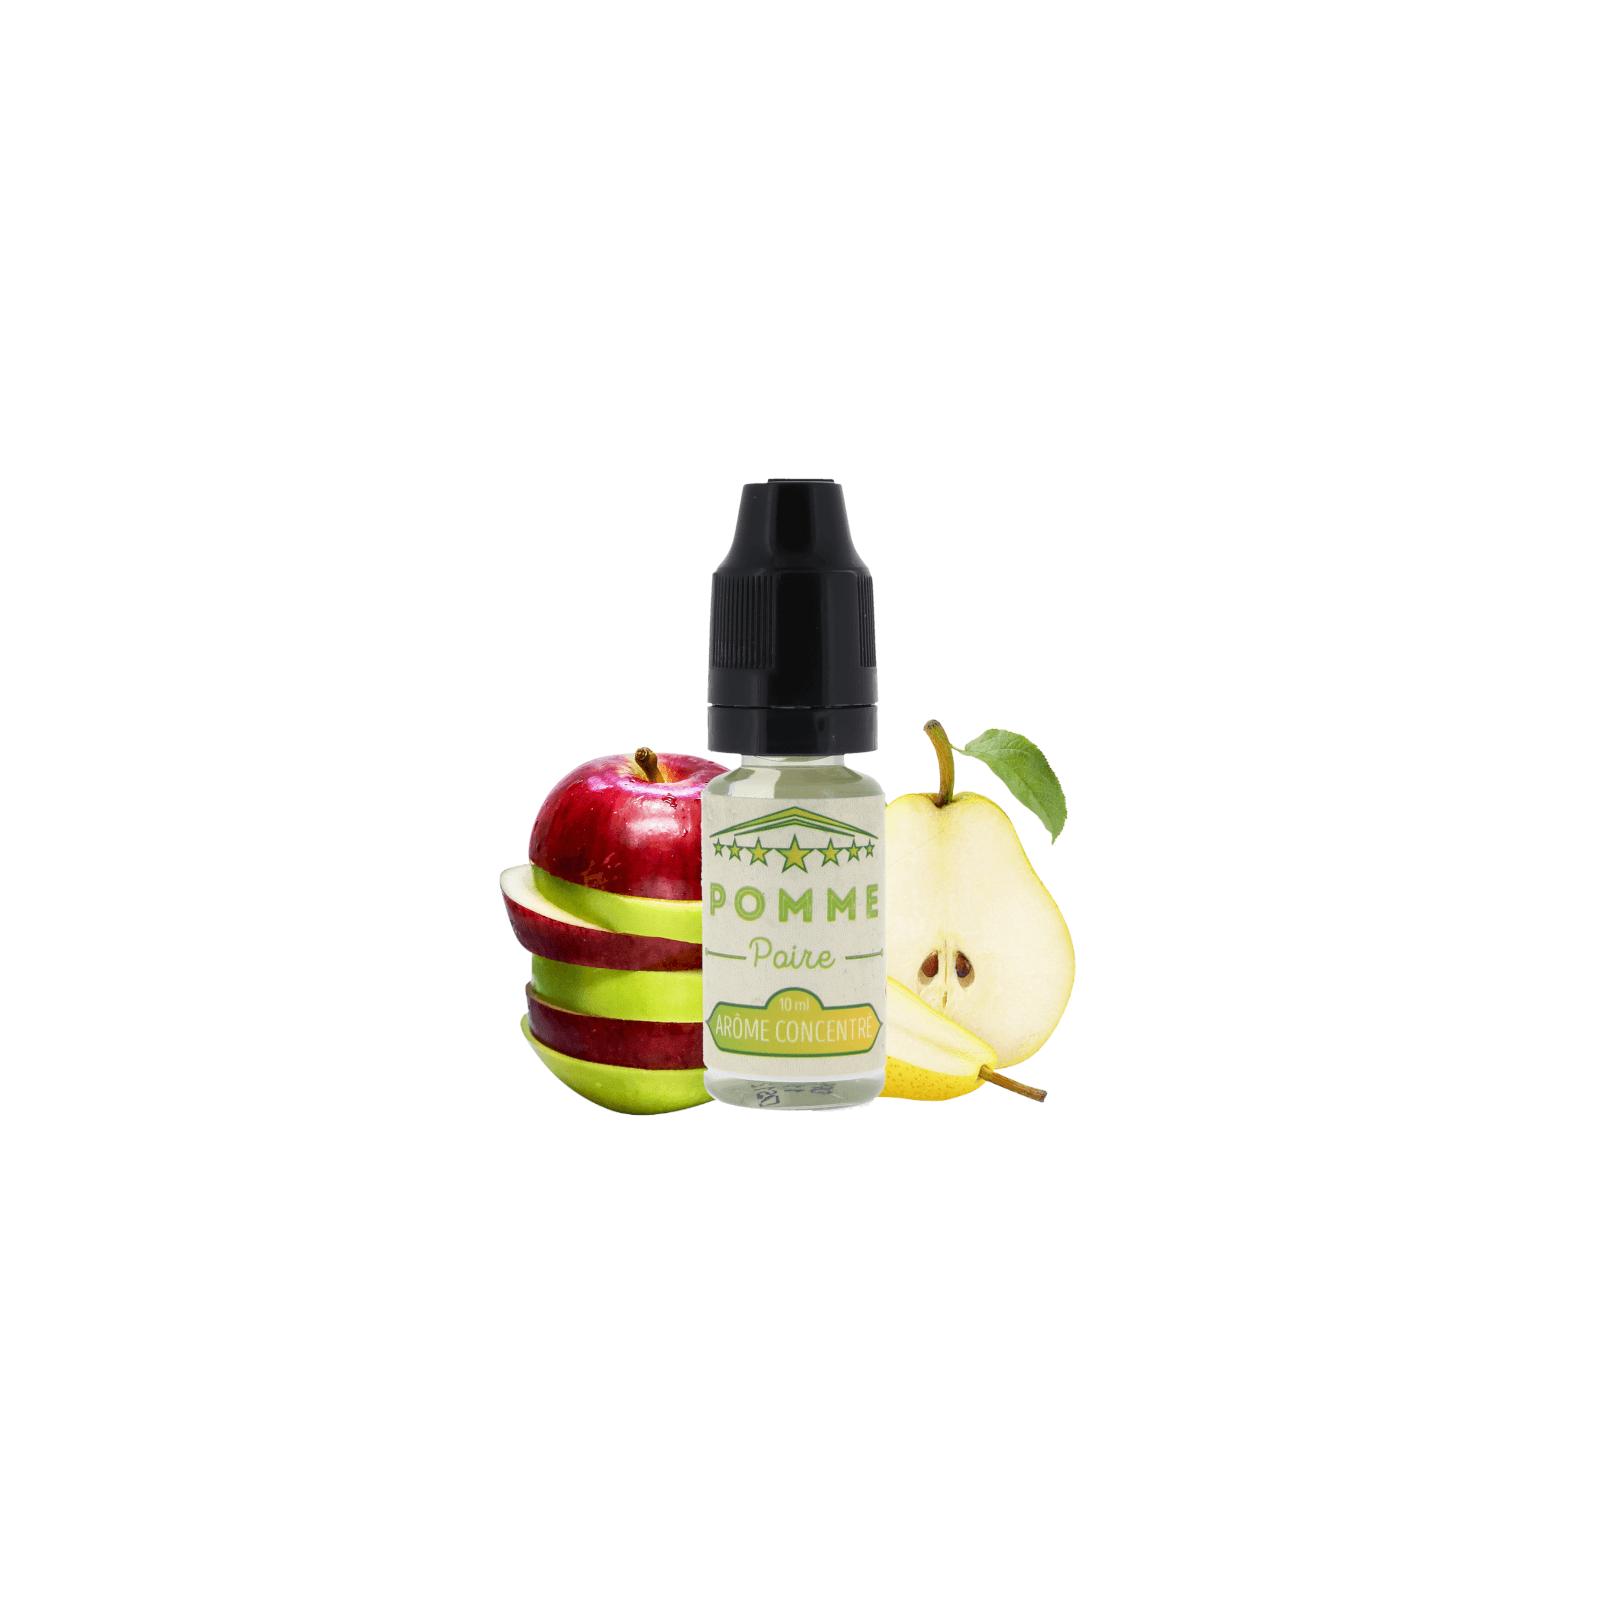 Concentré Pomme Poire 10ml - VDLV